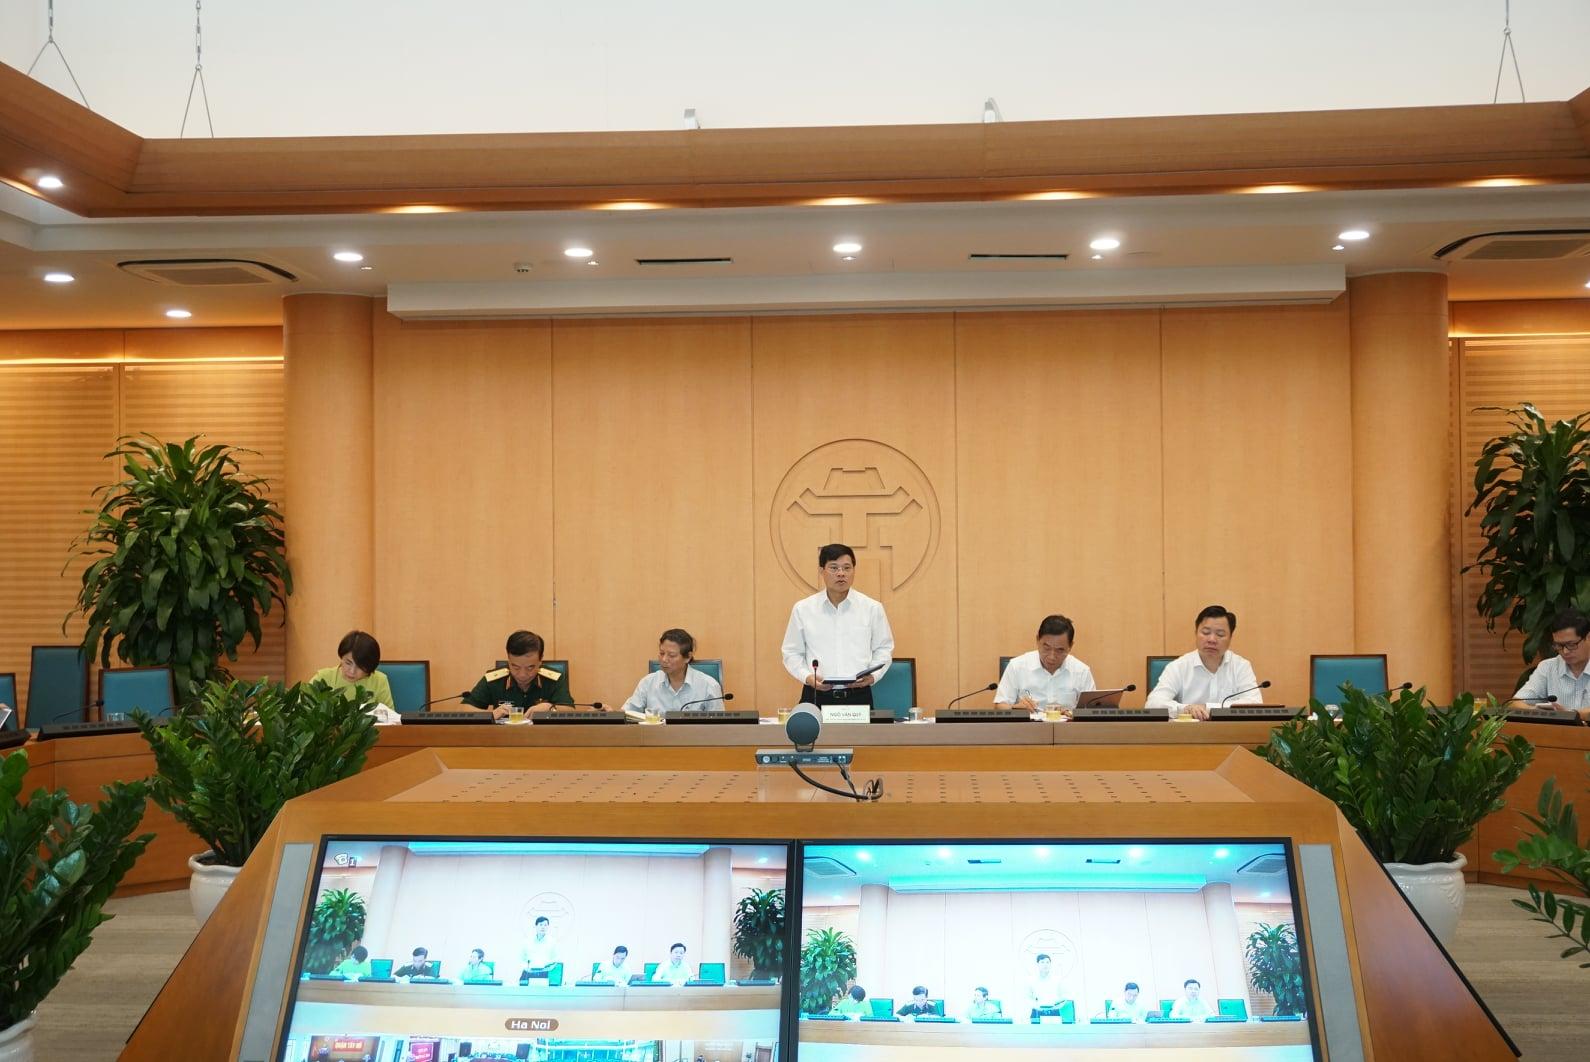 Phó Chủ tịch UBND TP Hà Nội Ngô Văn Quý chủ trì phiên họp trực tuyến thứ 65 về chống dịch COVID-19.